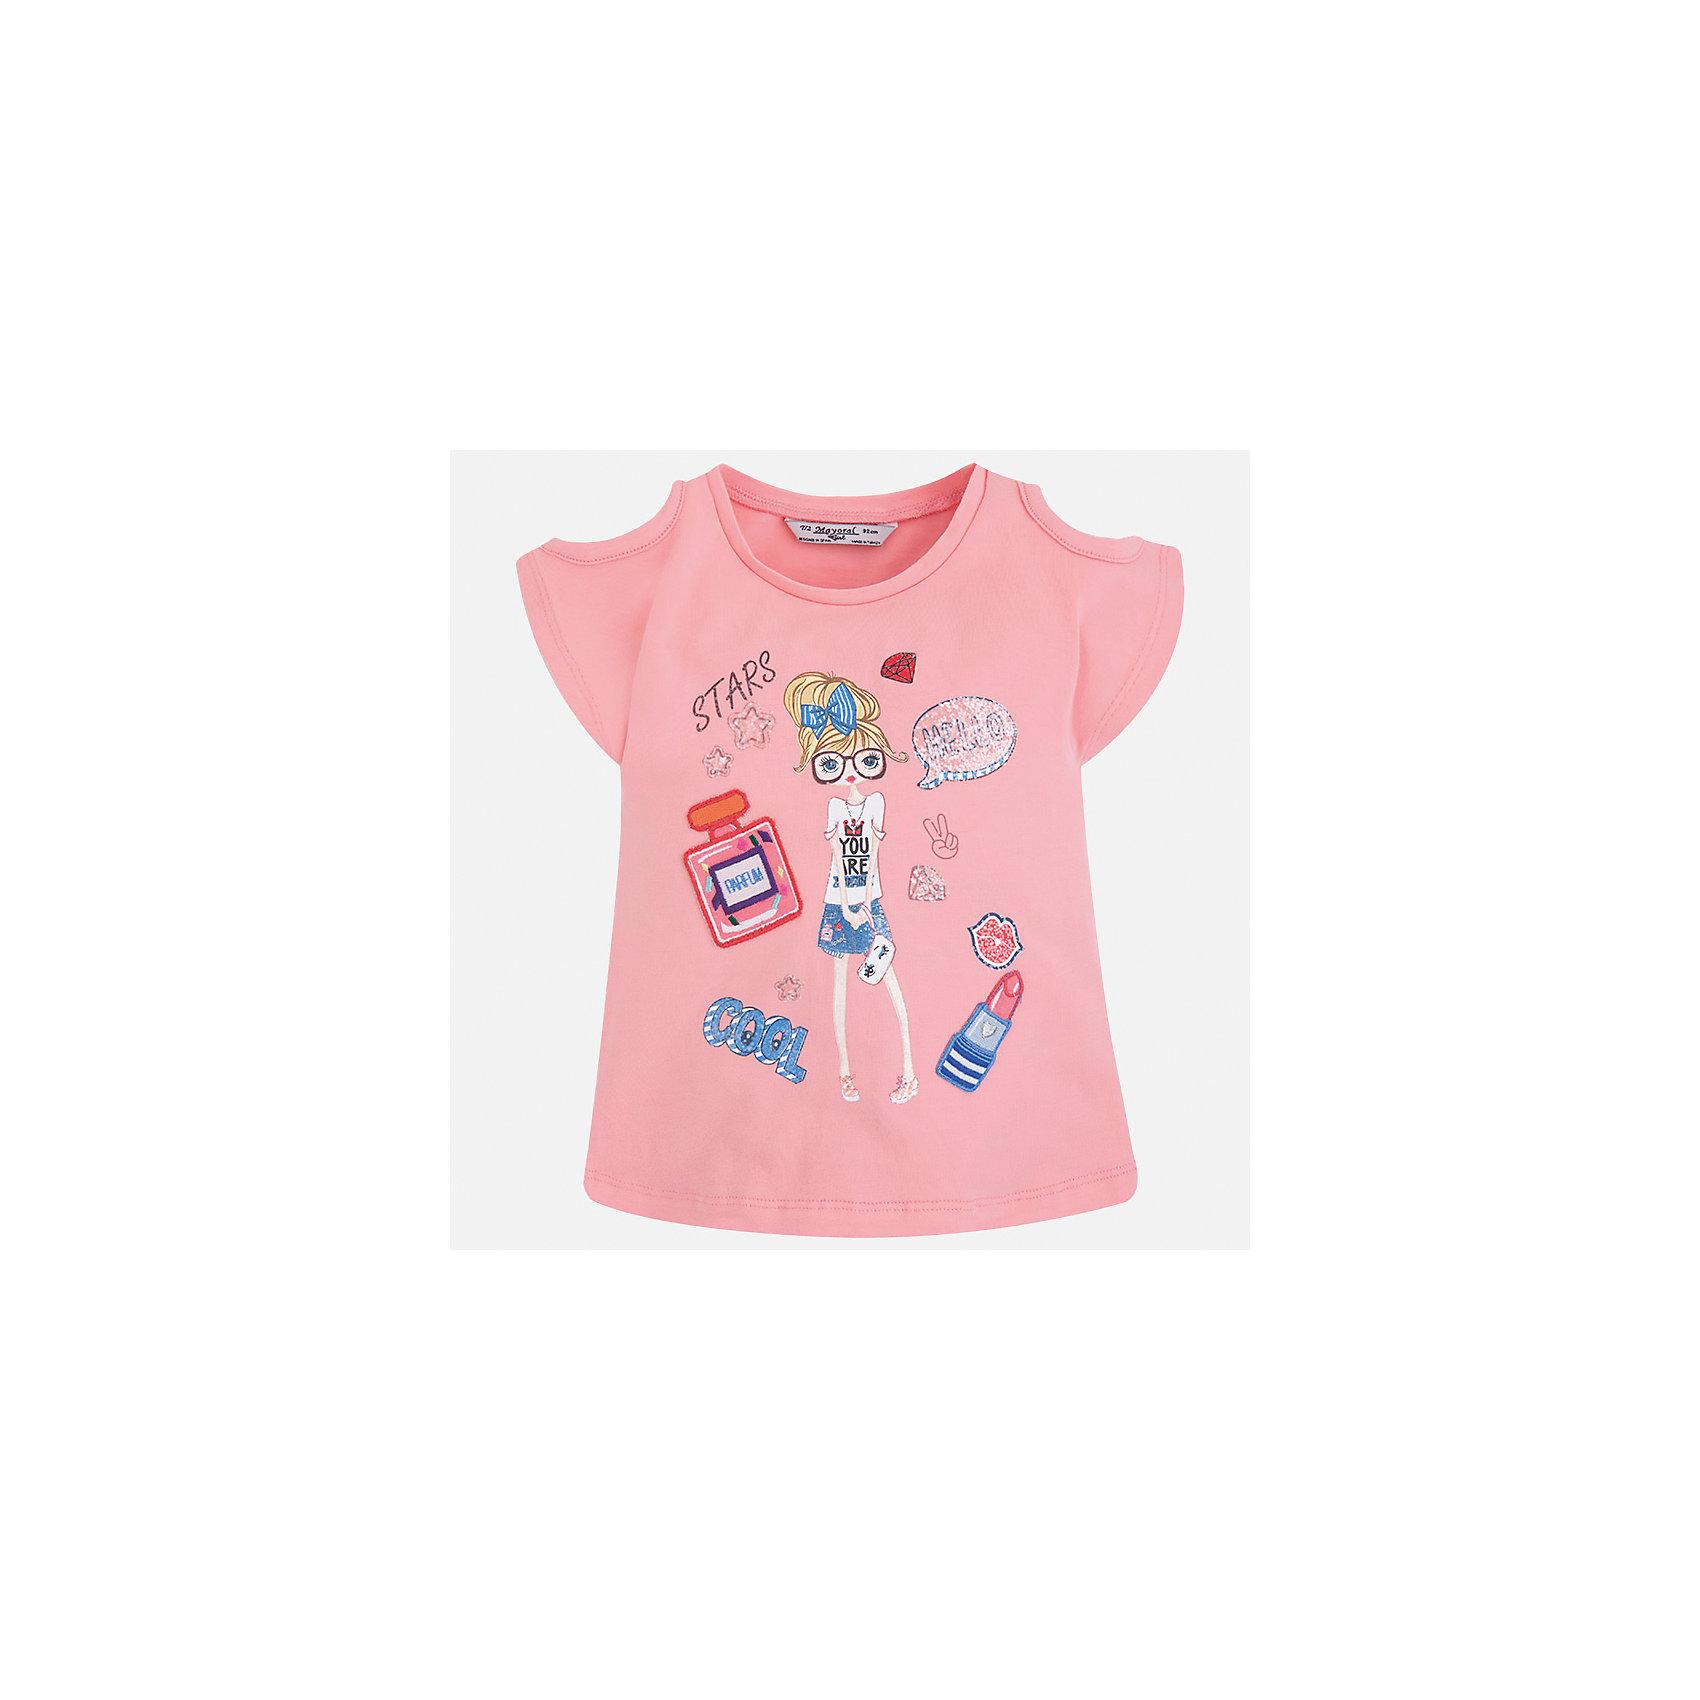 Футболка для девочки MayoralХарактеристики товара:<br><br>• цвет: розовый<br>• состав: 95% хлопок, 5% эластан<br>• эластичный материал<br>• декорирована принтом<br>• короткие рукава<br>• фактурные плечи<br>• округлый горловой вырез<br>• страна бренда: Испания<br><br>Модная качественная футболка для девочки поможет разнообразить гардероб ребенка и украсить наряд. Она отлично сочетается и с юбками, и с шортами, и с брюками. Универсальный цвет позволяет подобрать к вещи низ практически любой расцветки. Интересная отделка модели делает её нарядной и оригинальной. В составе материала есть натуральный хлопок, гипоаллергенный, приятный на ощупь, дышащий.<br><br>Одежда, обувь и аксессуары от испанского бренда Mayoral полюбились детям и взрослым по всему миру. Модели этой марки - стильные и удобные. Для их производства используются только безопасные, качественные материалы и фурнитура. Порадуйте ребенка модными и красивыми вещами от Mayoral! <br><br>Футболку для девочки от испанского бренда Mayoral (Майорал) можно купить в нашем интернет-магазине.<br><br>Ширина мм: 199<br>Глубина мм: 10<br>Высота мм: 161<br>Вес г: 151<br>Цвет: розовый<br>Возраст от месяцев: 96<br>Возраст до месяцев: 108<br>Пол: Женский<br>Возраст: Детский<br>Размер: 134,92,98,104,110,116,122,128<br>SKU: 5300244